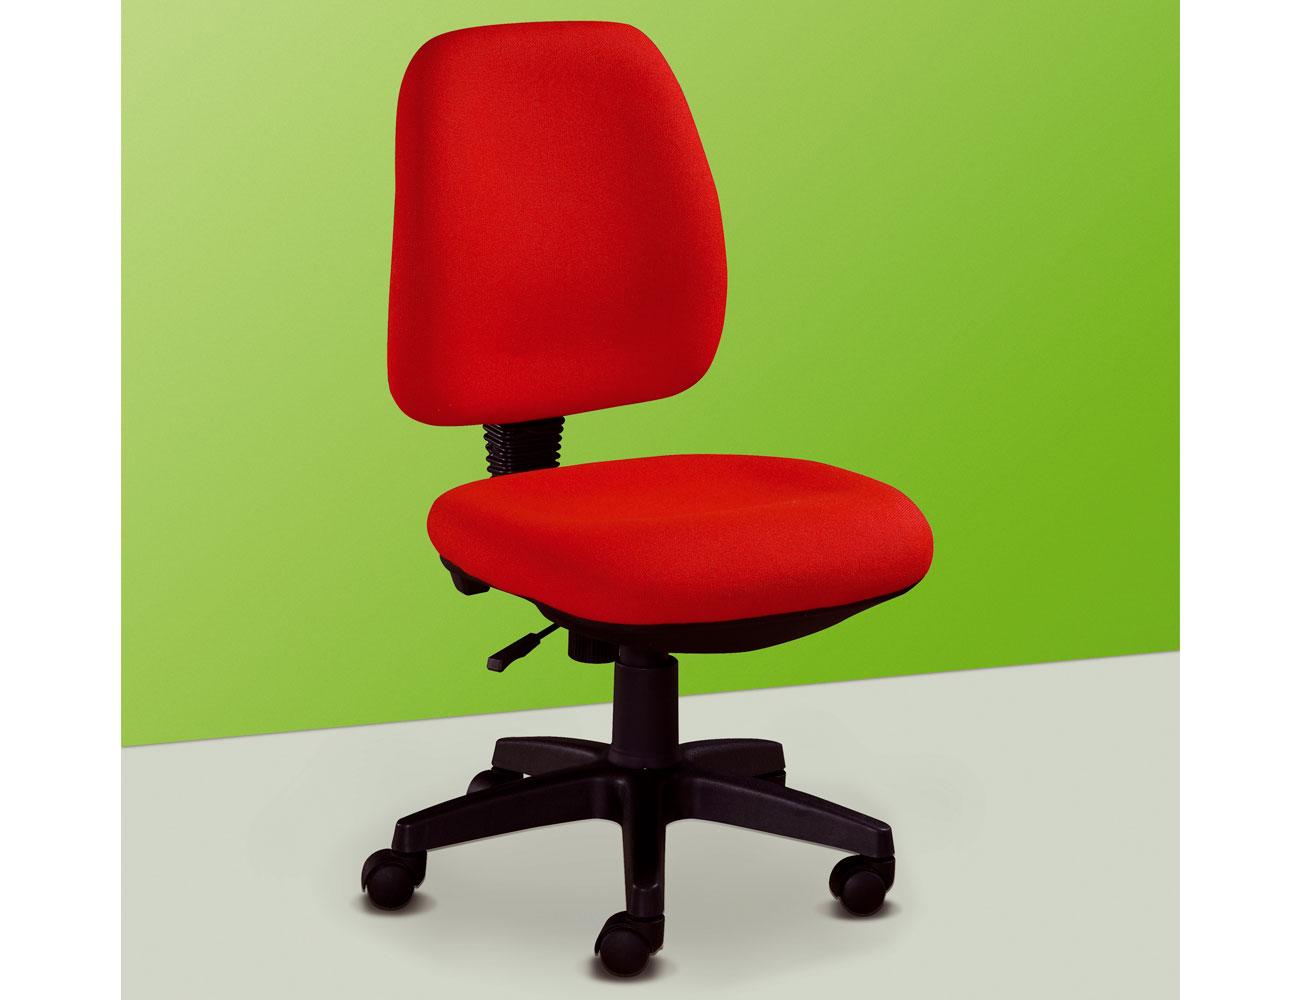 Silla oficina roja